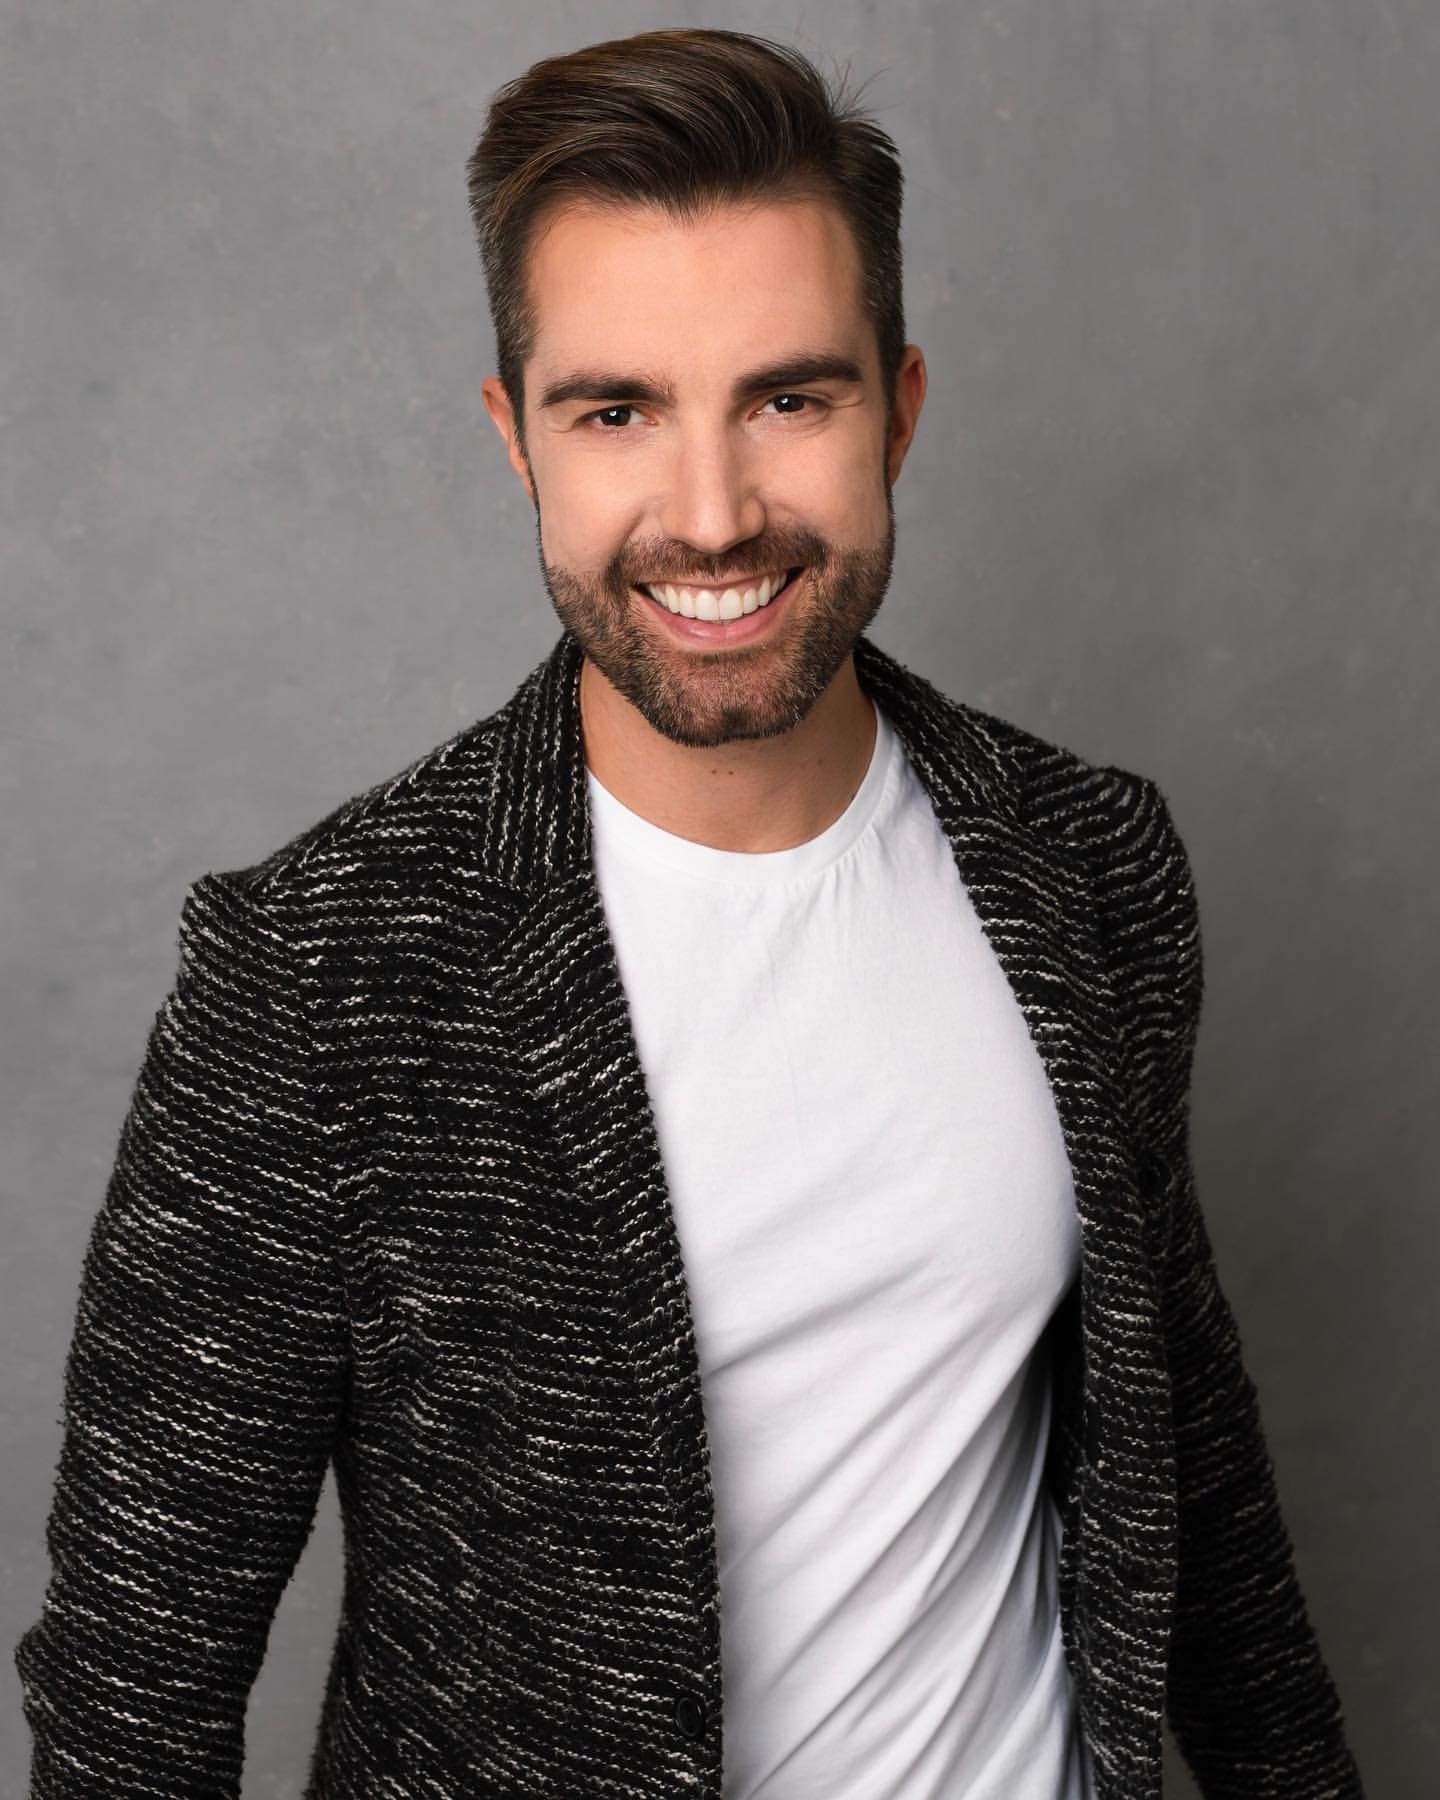 Luis Alexis Pita Alves